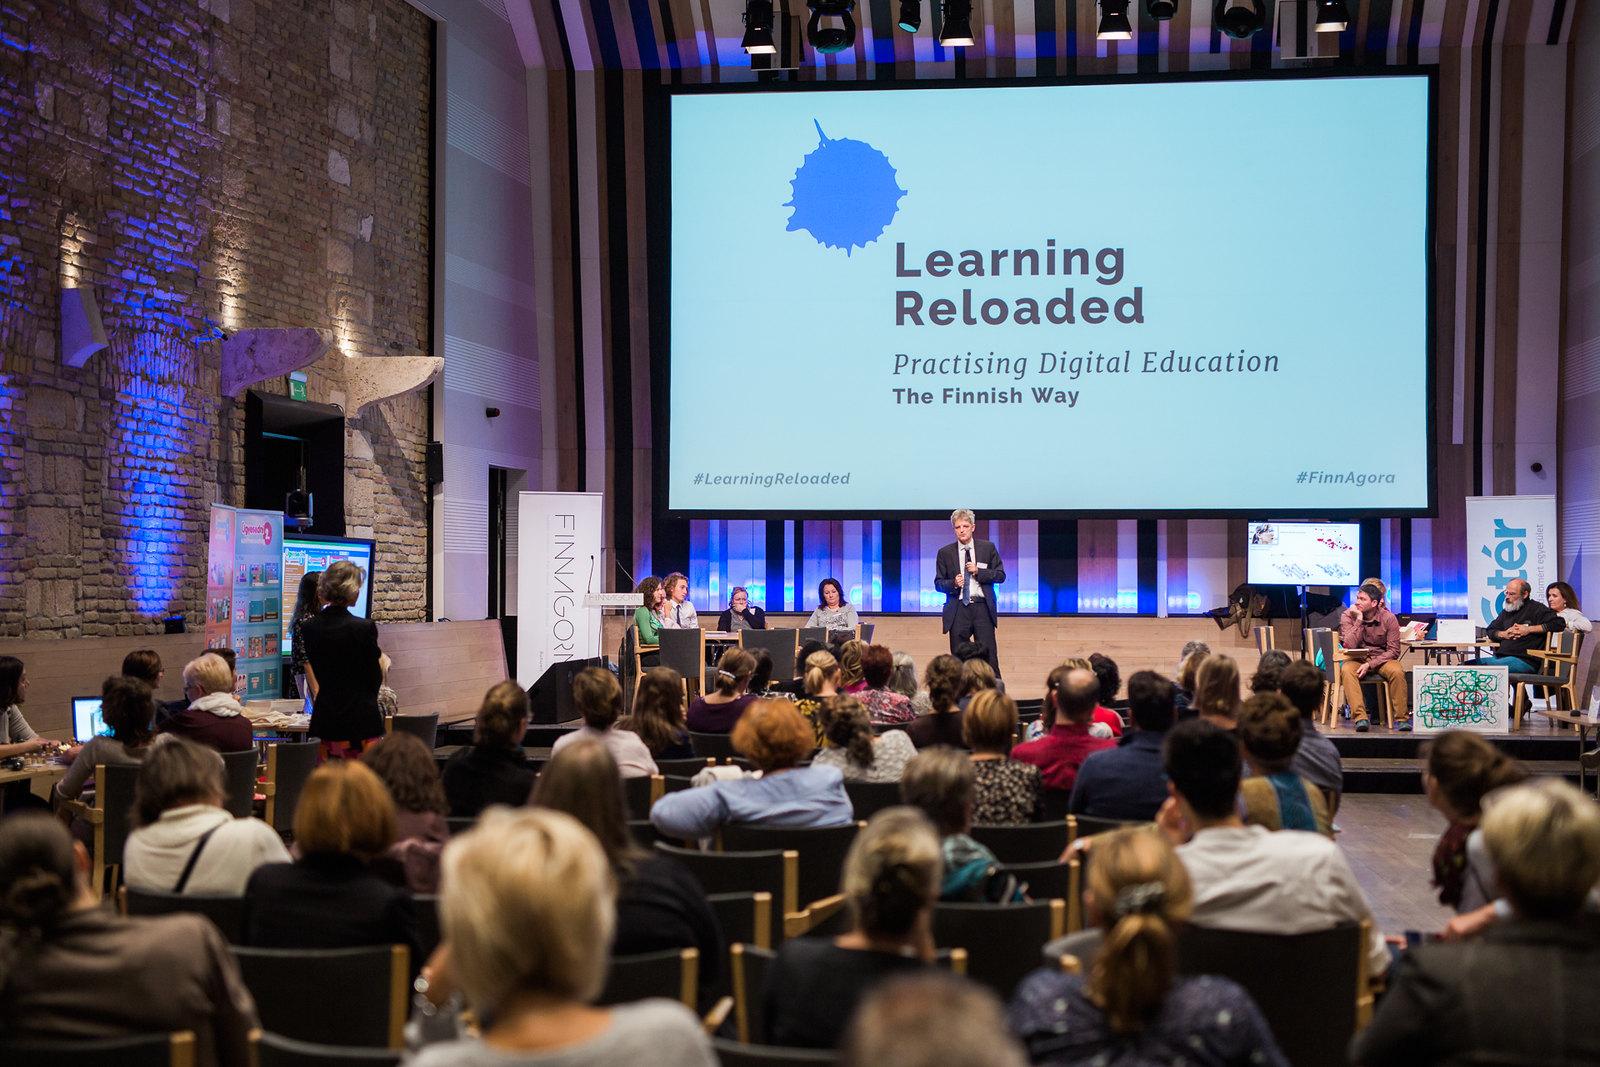 A stressz nélküli tanításban hisznek a finnek